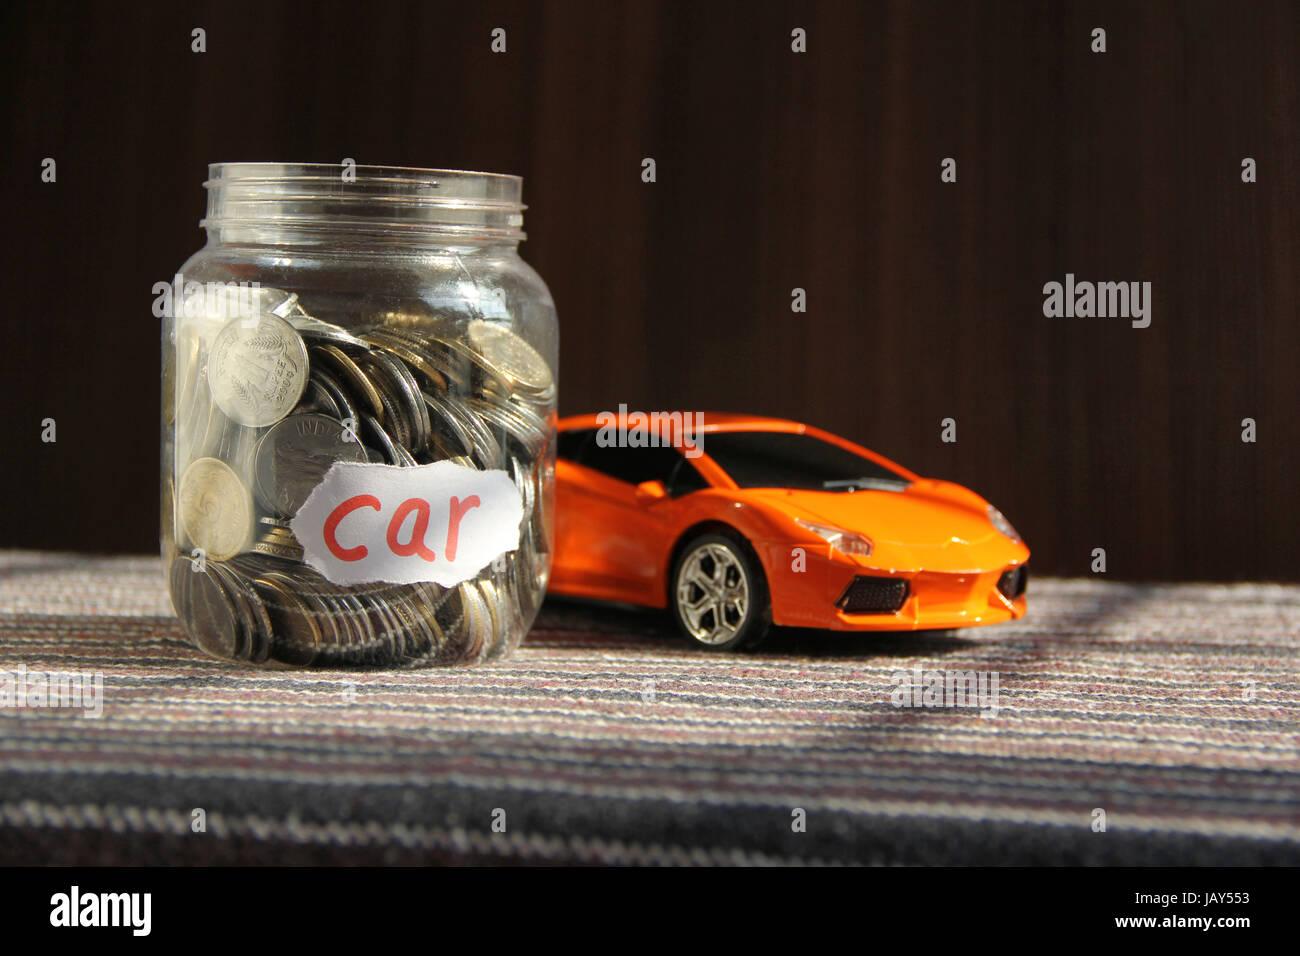 Monedas en dinero jar con coche de etiqueta, concepto de finanzas Imagen De Stock